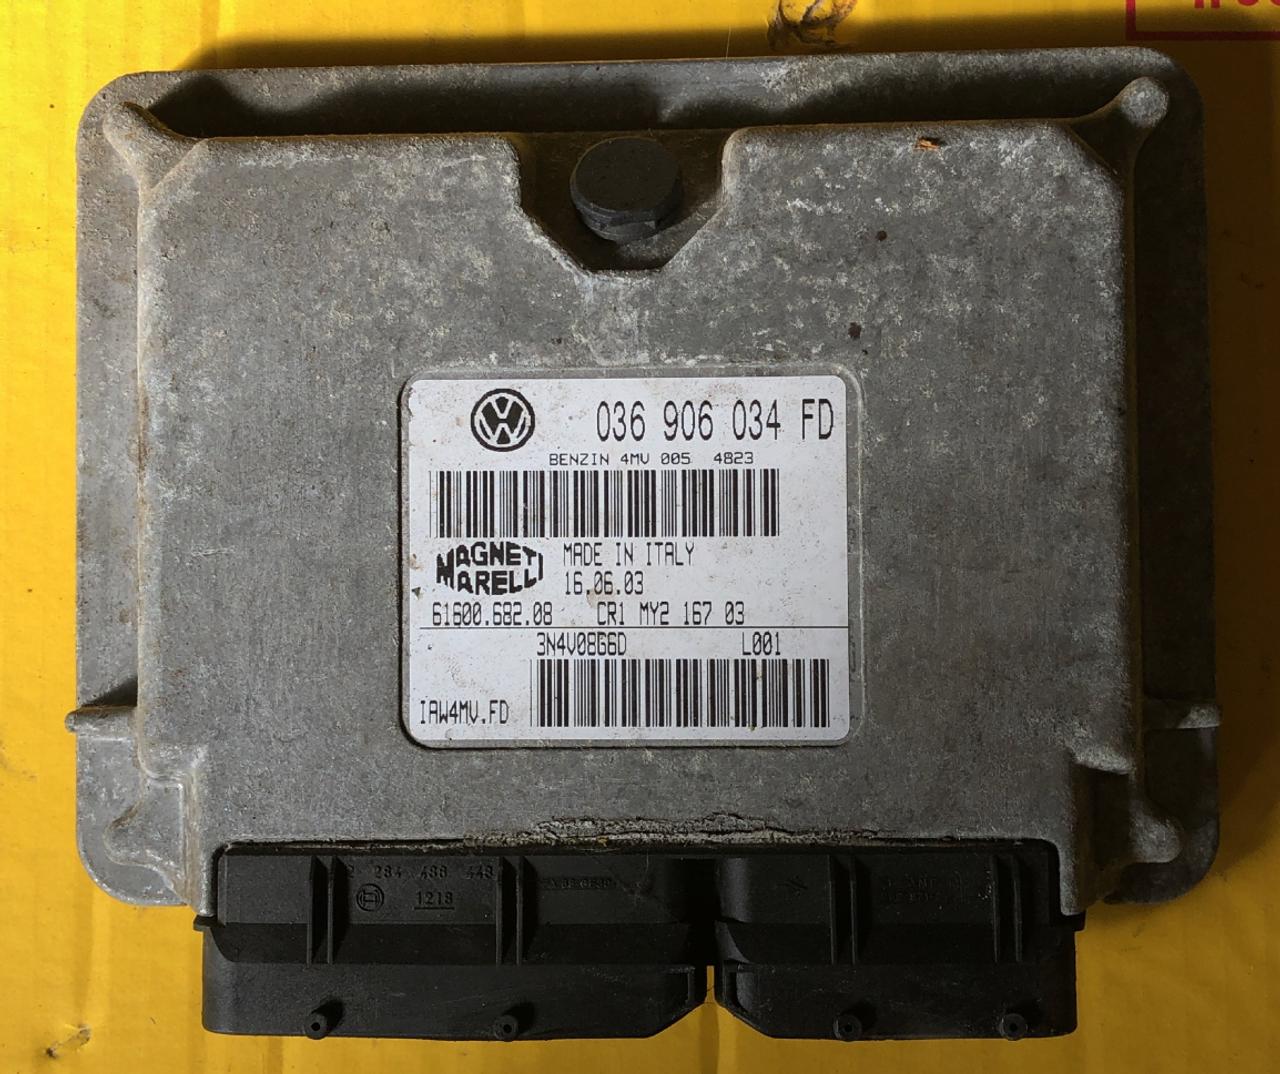 VW, IAW4MV.FD, 036906034FD, 036 906 034 FD, 61600.682.08